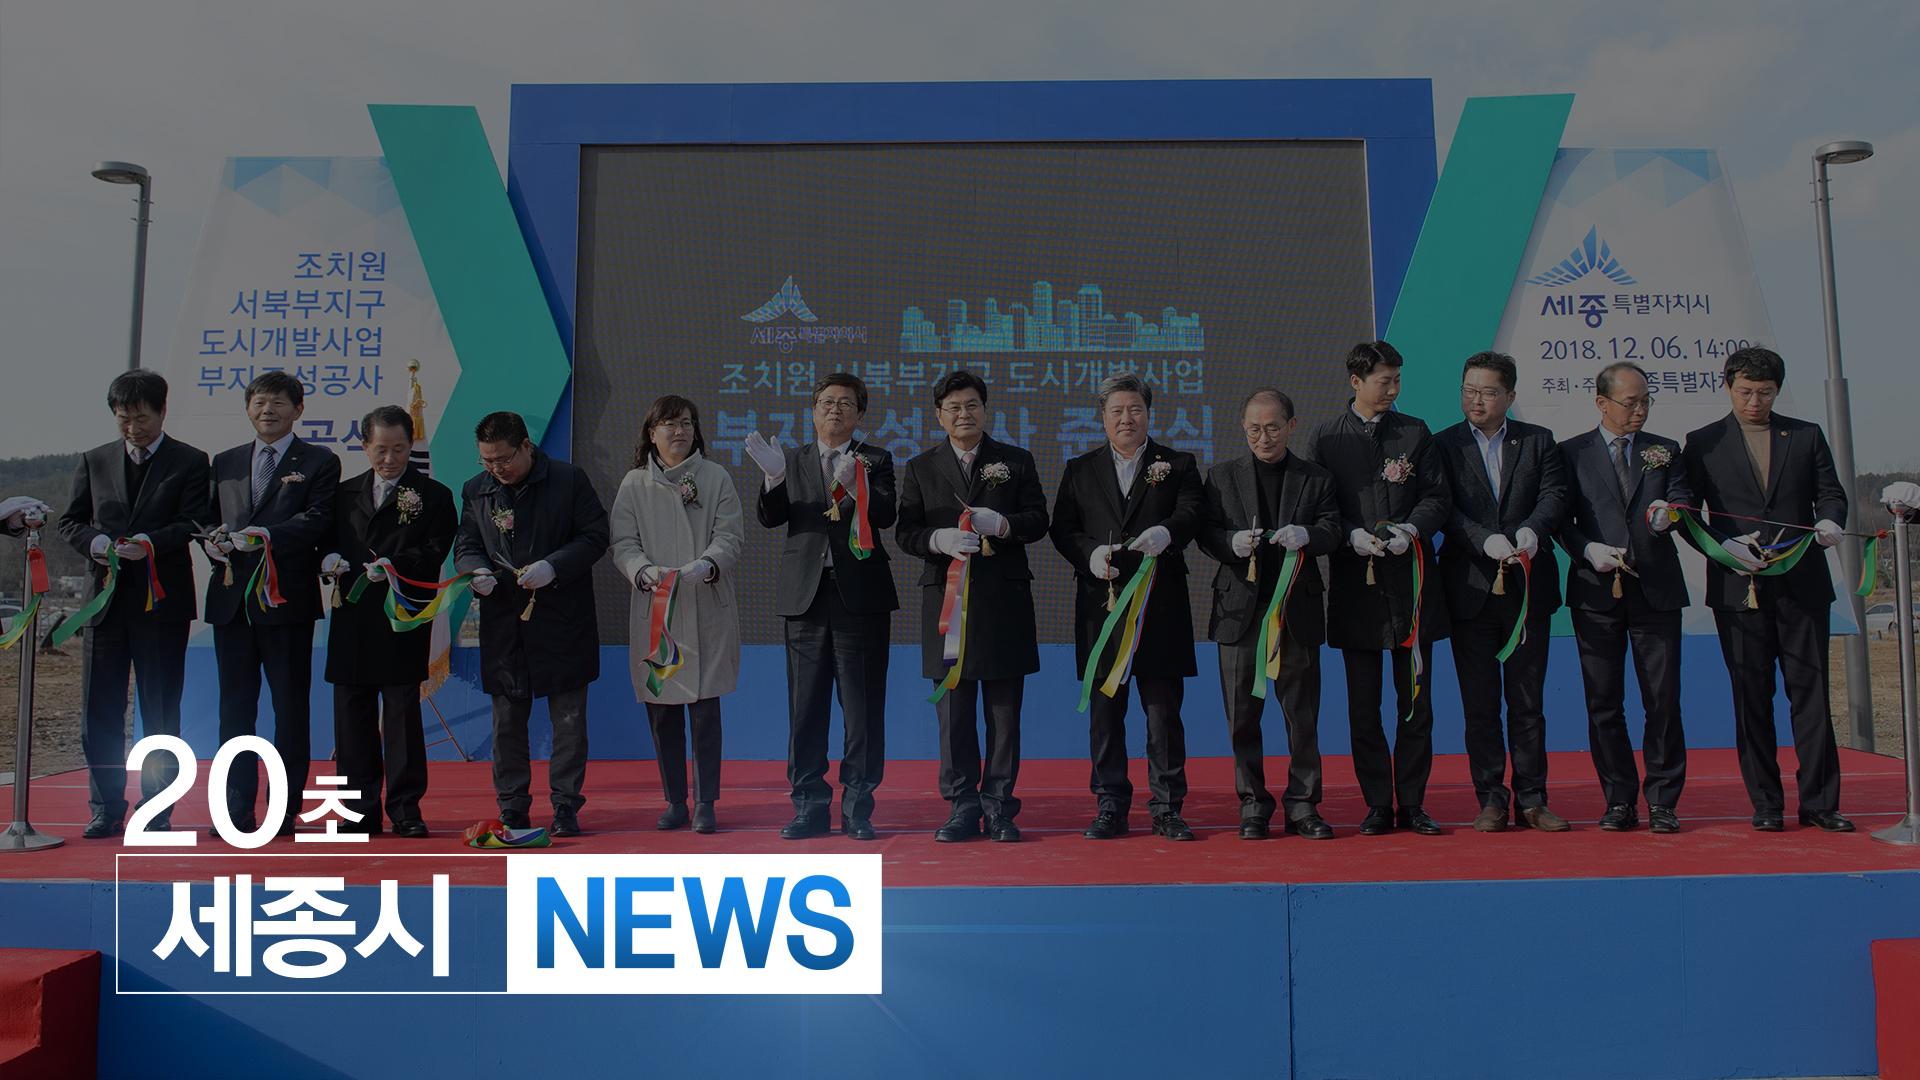 <20초뉴스> 조치원 서북부지구 도시개발 사업